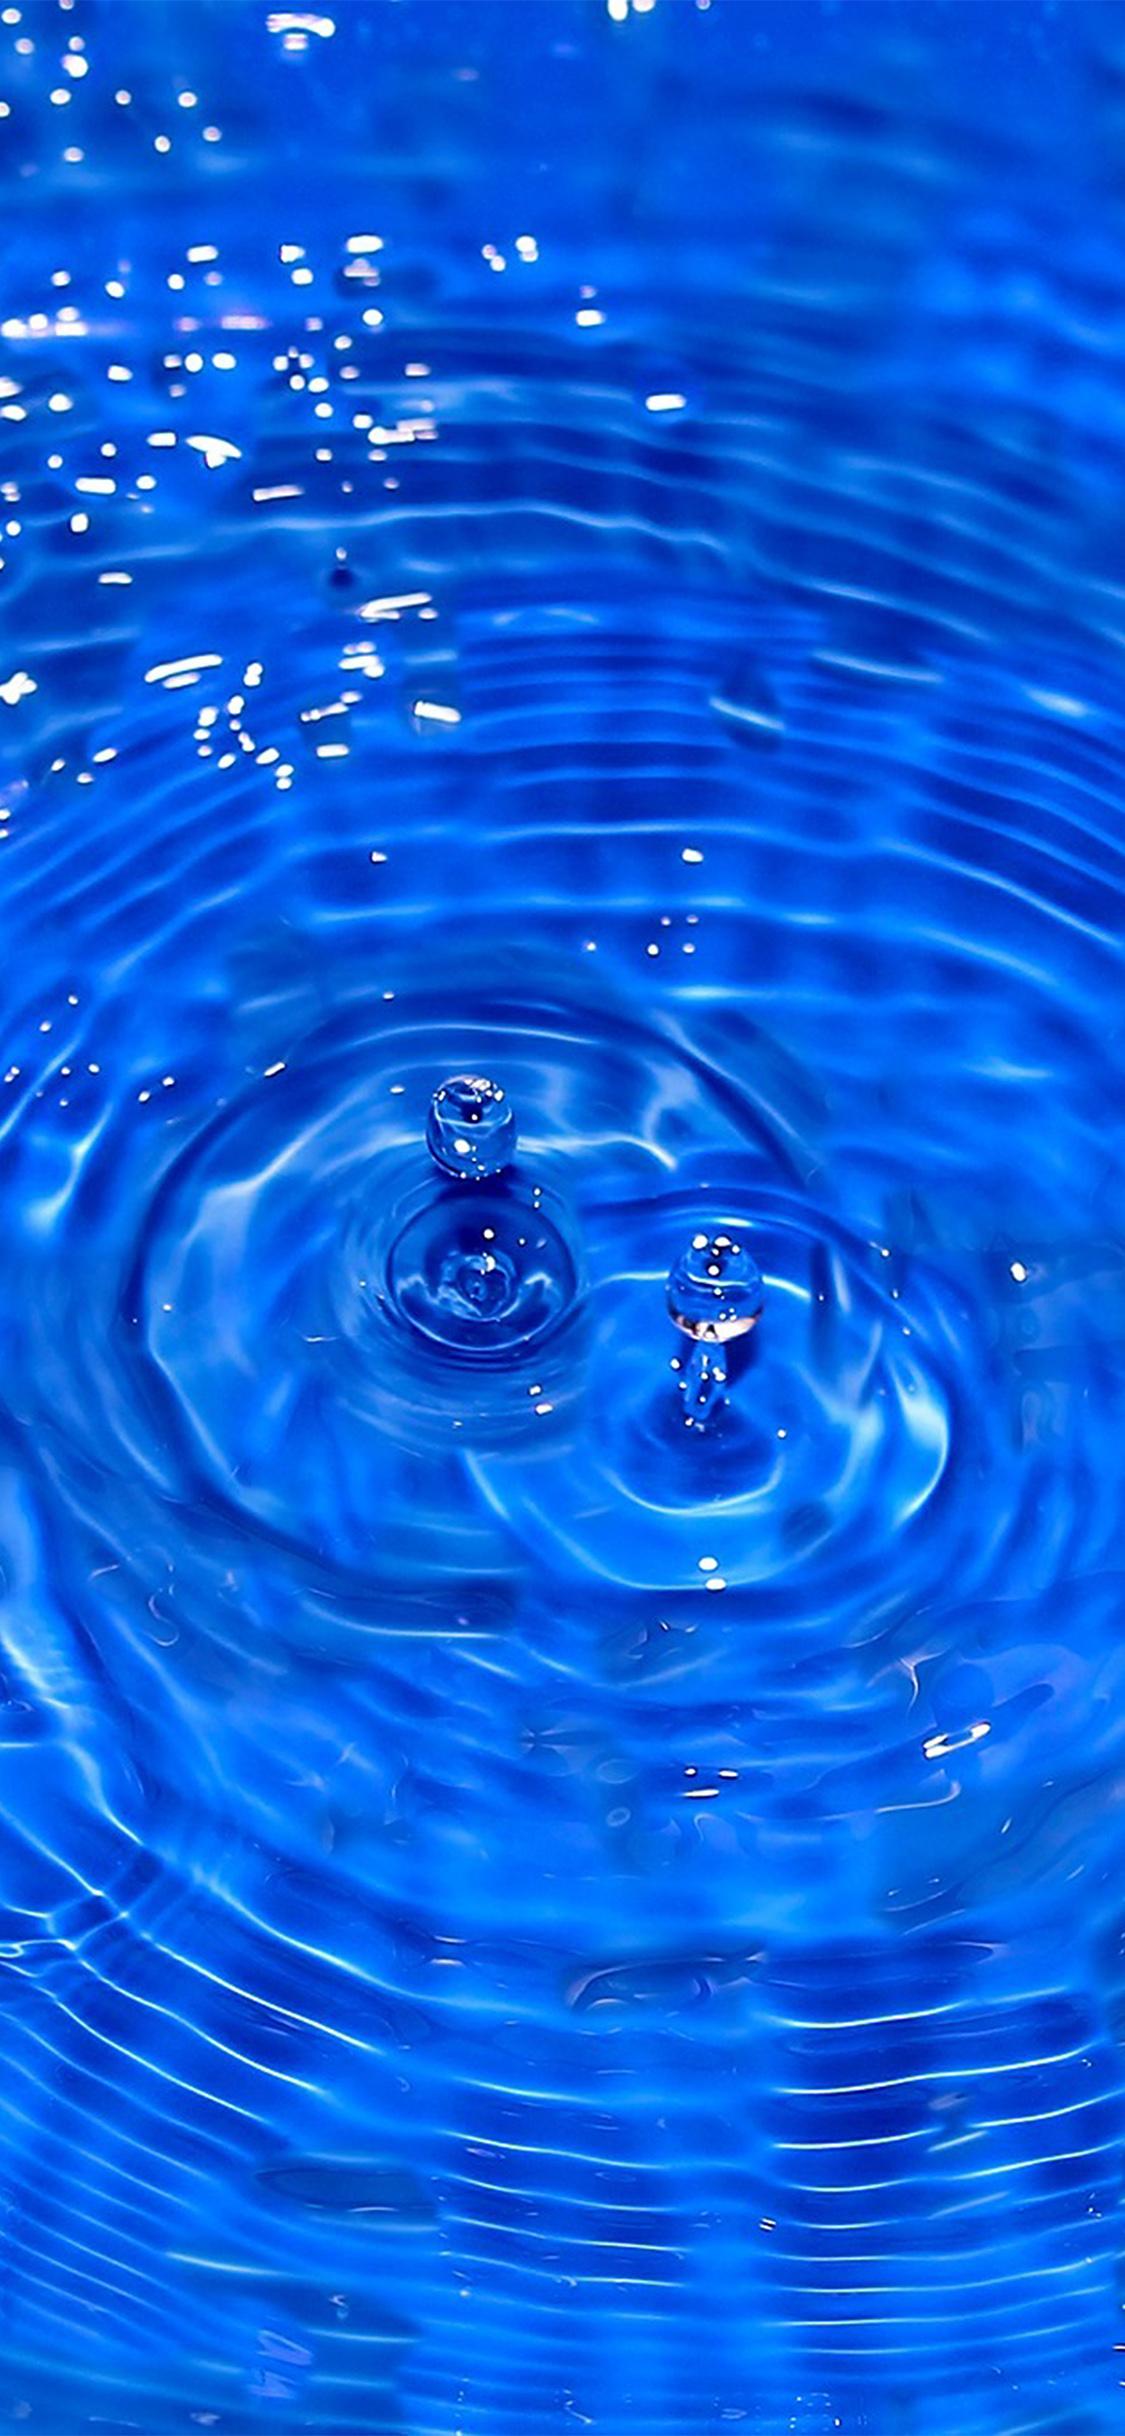 Ni59 Water Cool Blue Drop Swim